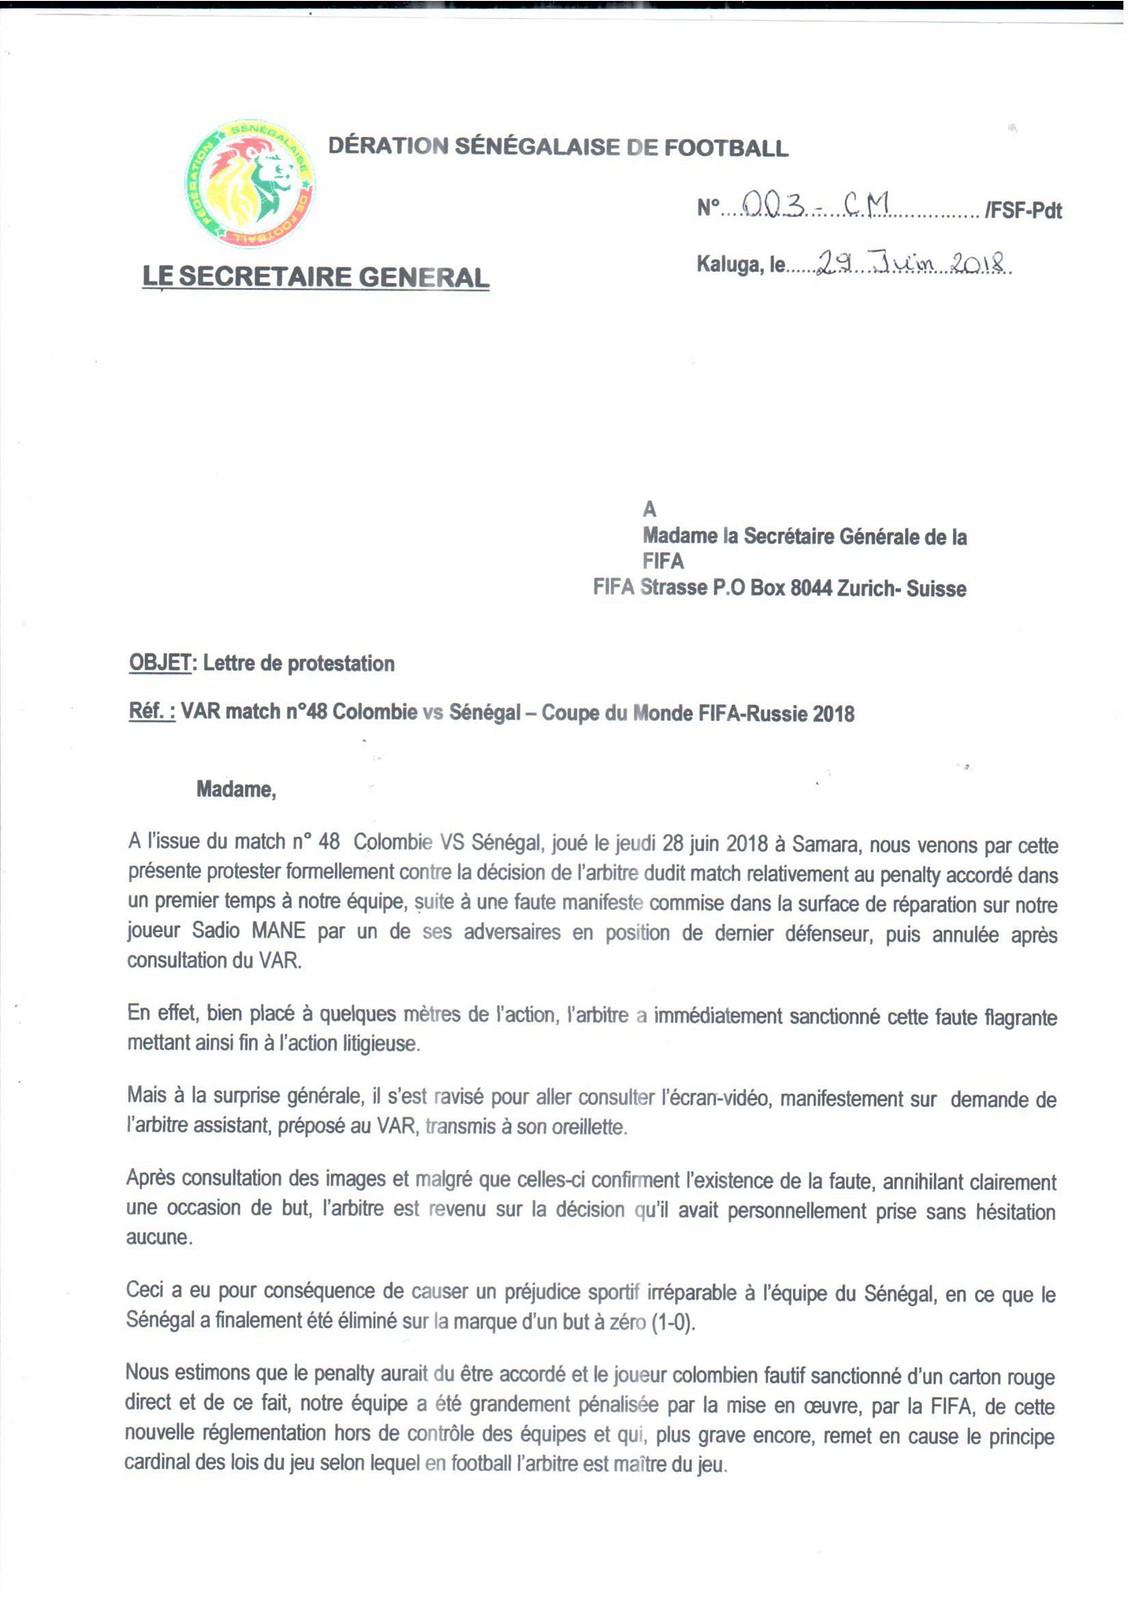 Lettre de Protestation de la Fédération Sénégalaise de Football adressée à la FIFA (2)